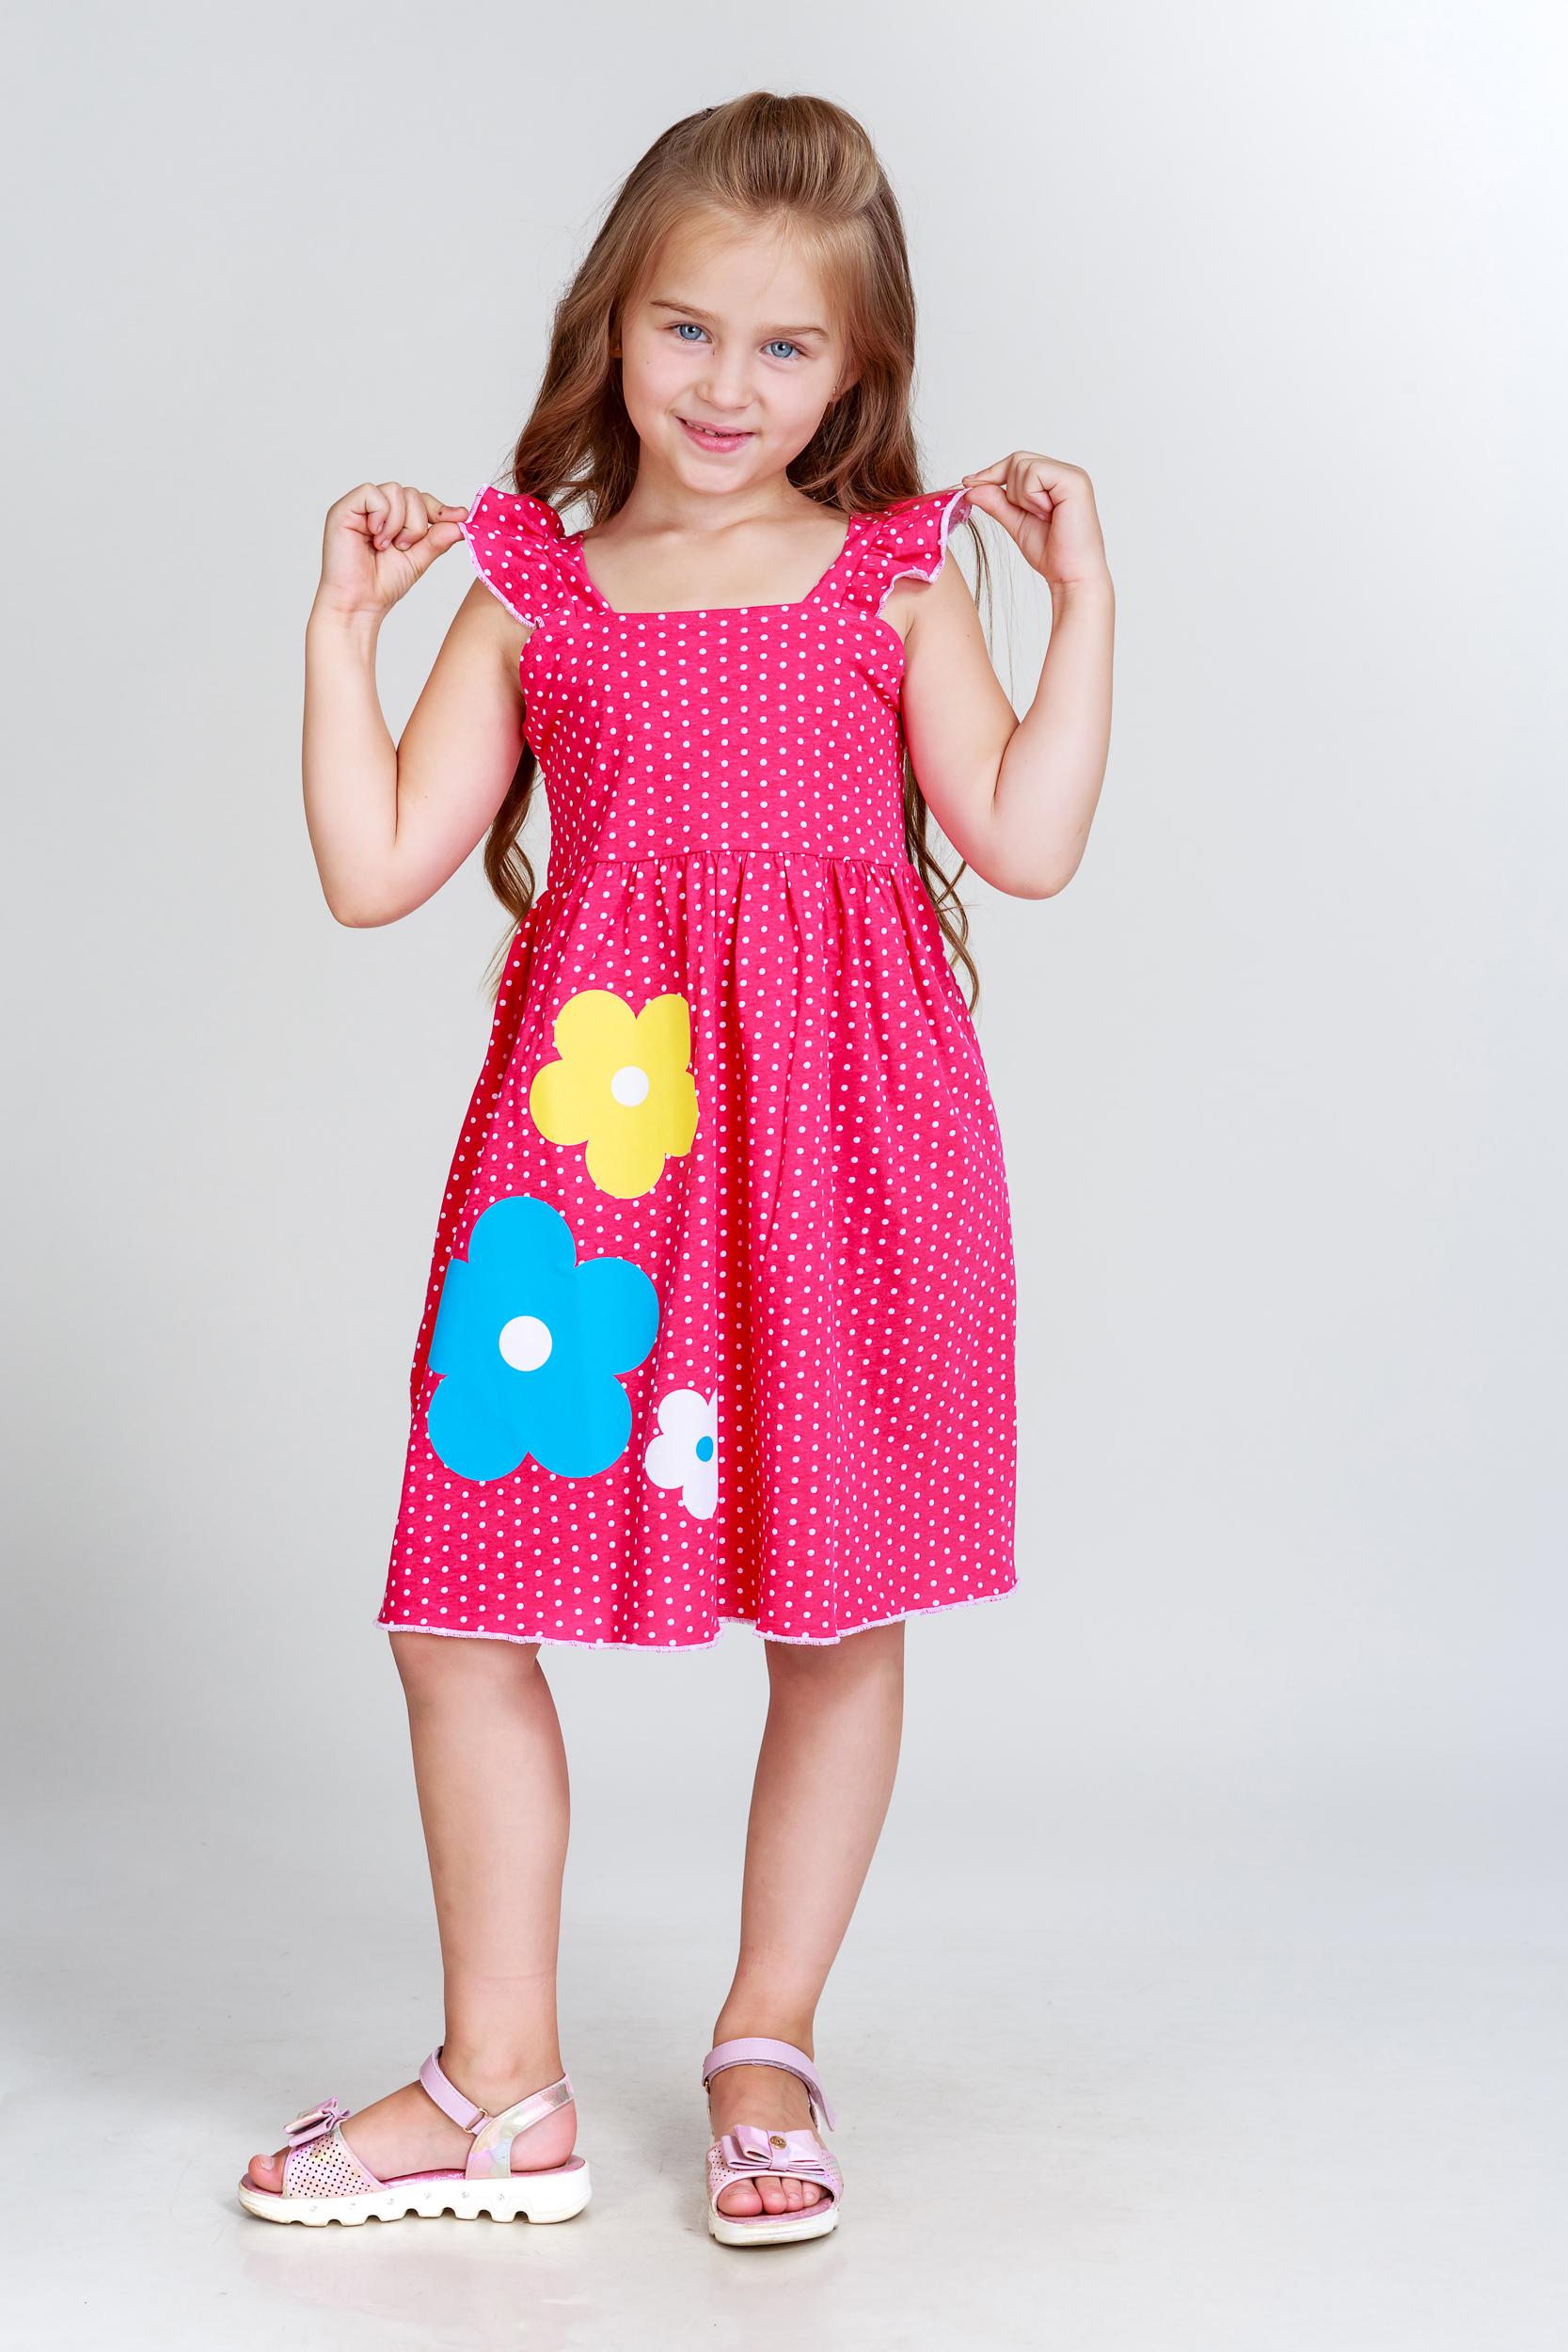 Детские туники, сарафаны Pastilla Платье Летнее Цвет: Малиновый (7-8 лет) купить часы мальчику 7 лет